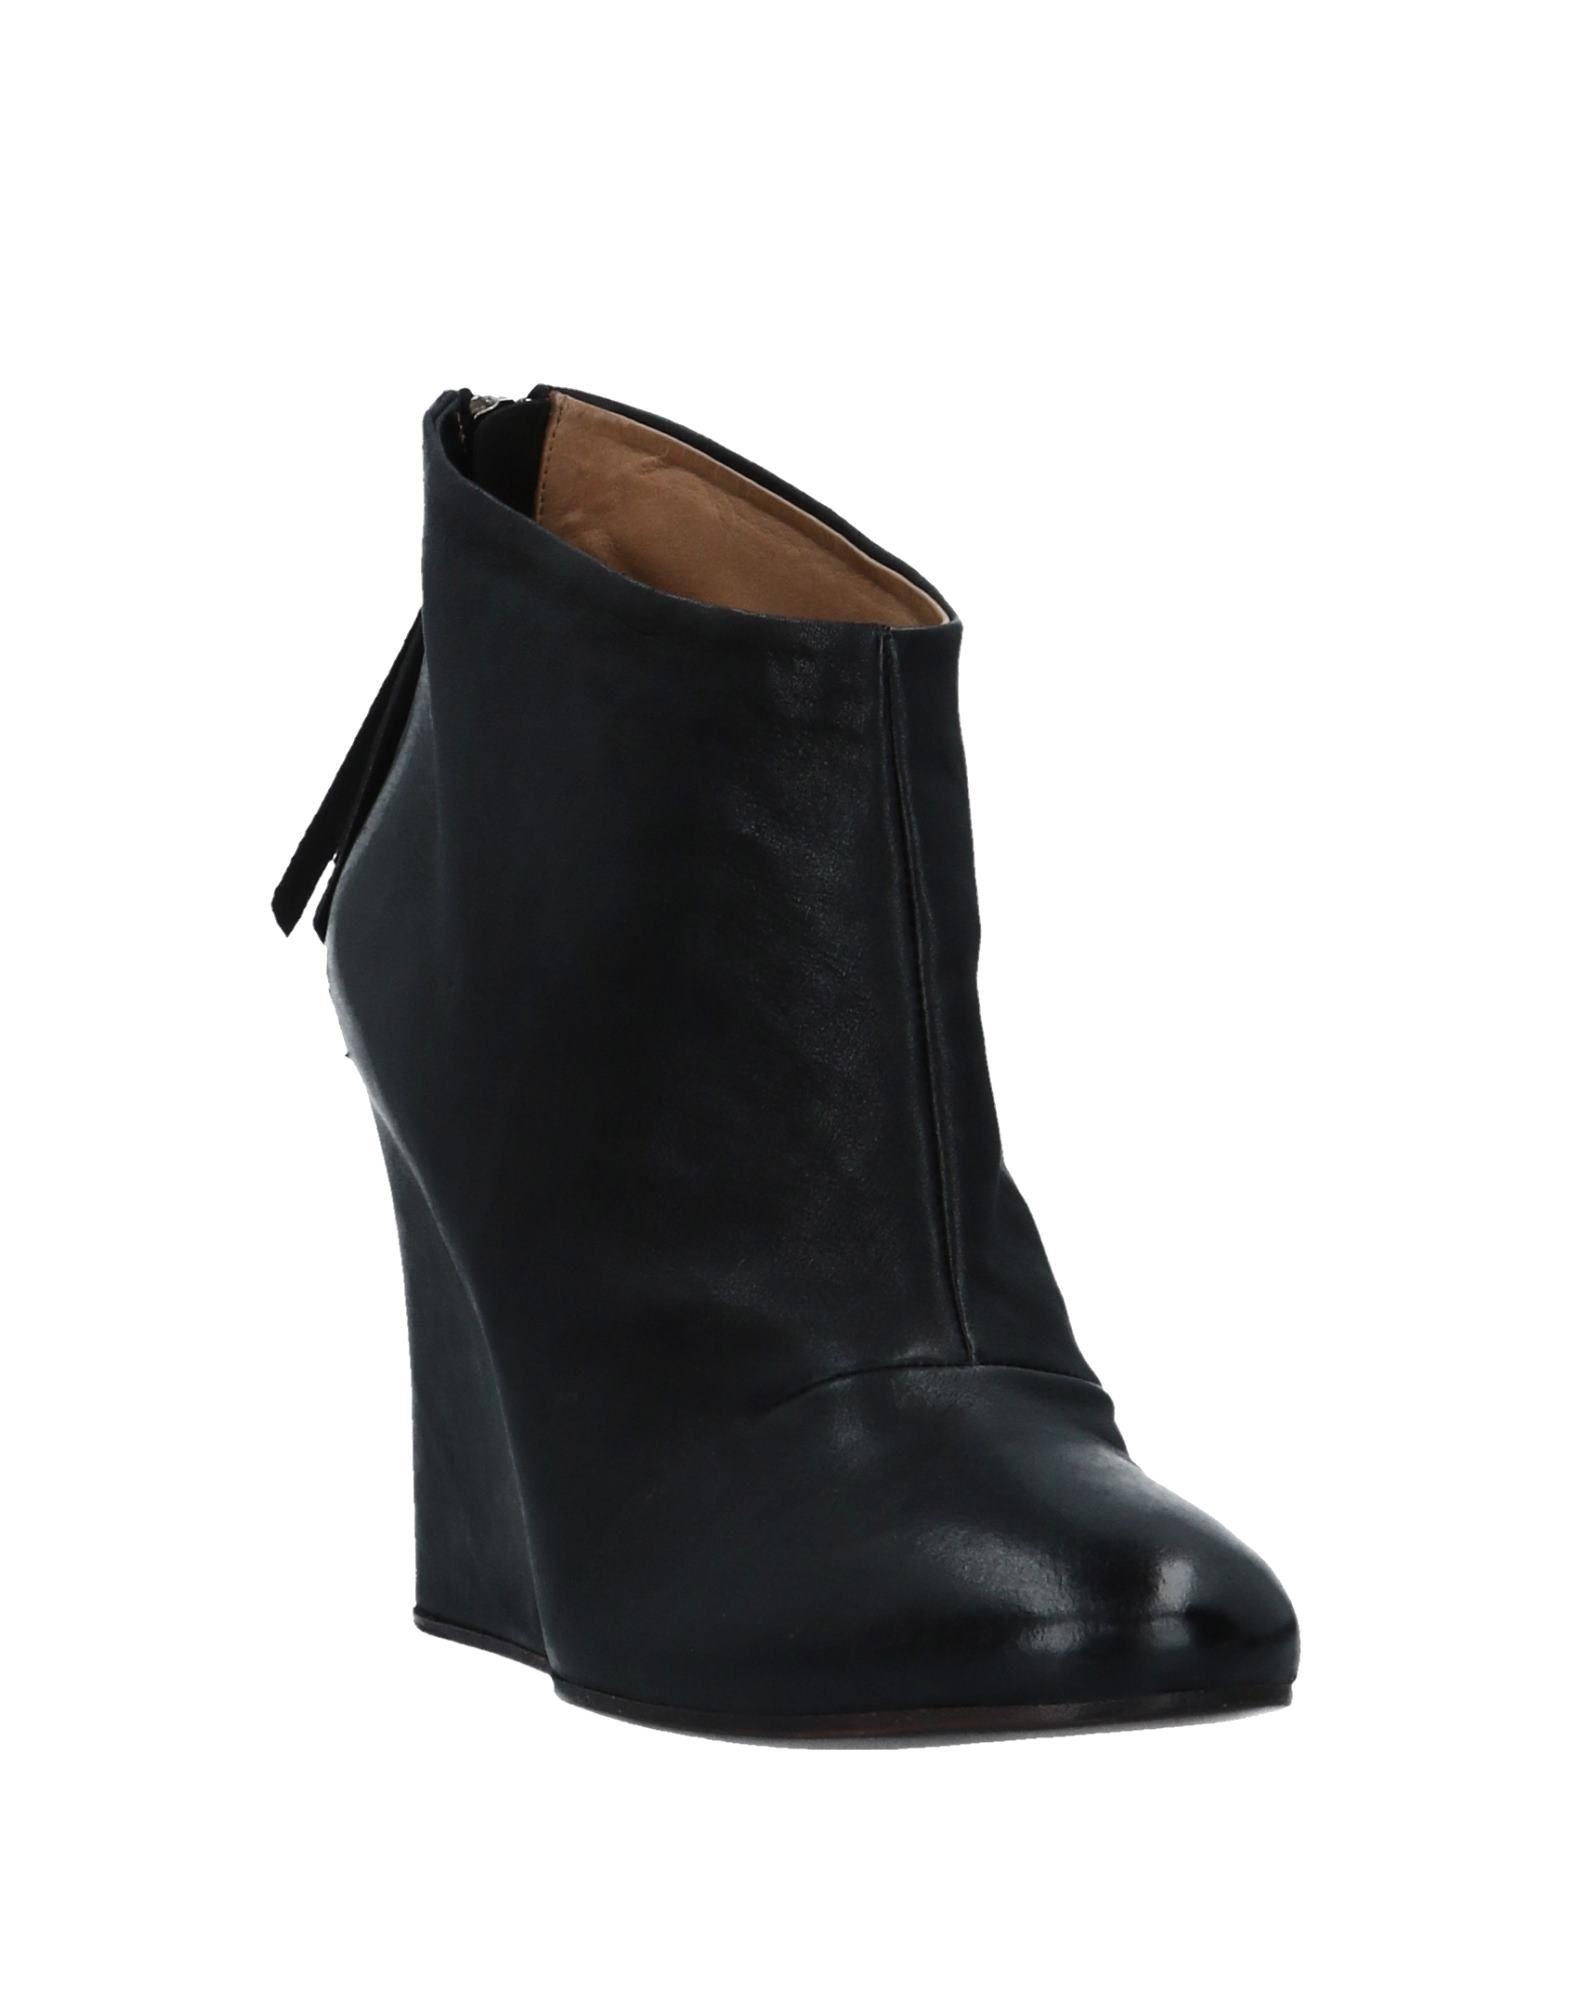 Rabatt Schuhe Premiata Damen Stiefelette Damen Premiata  11535718OH 8b4aaa